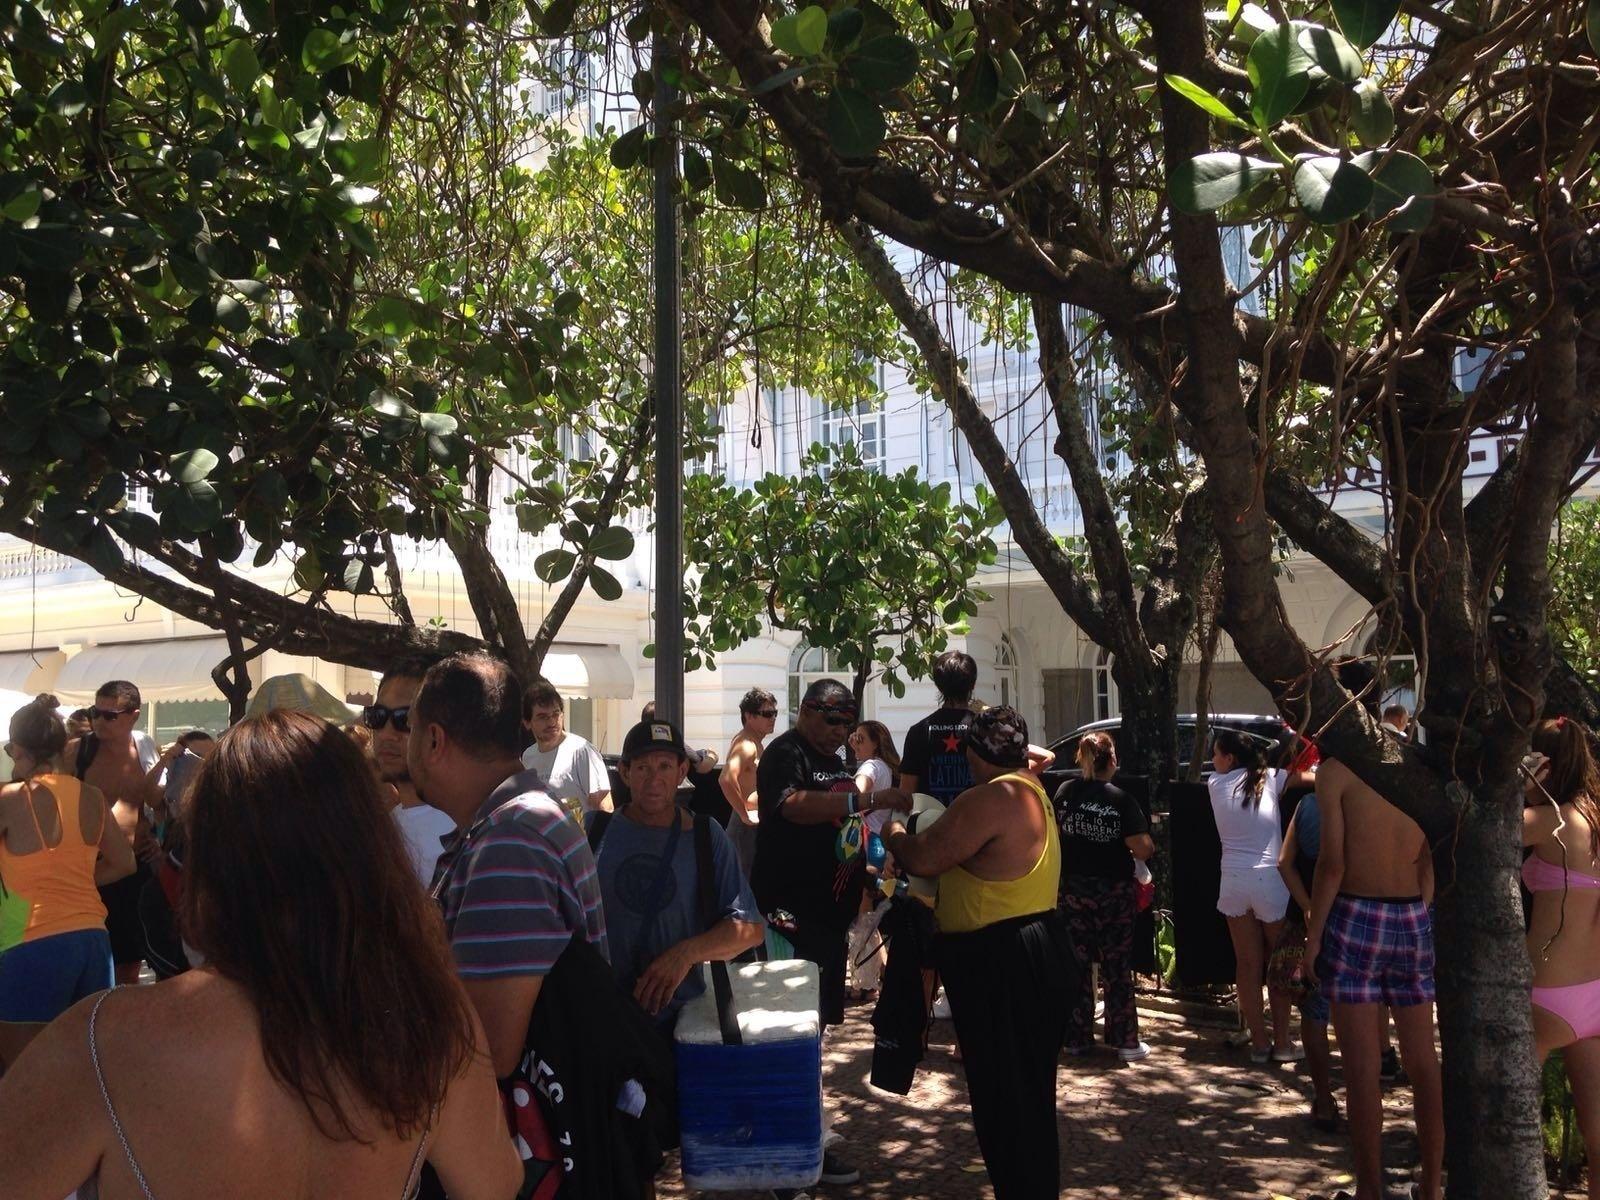 20.fev.2016 - Movimentação na porta do Copacabana Palace, onde a banda Rolling Stones está hospedada, aumenta a partir das 11h. Fãs fazem plantão na porta do hotel na esperança de uma aparição de Mick Jagger, Keith Richars, Ron Wood ou Charlie Watts